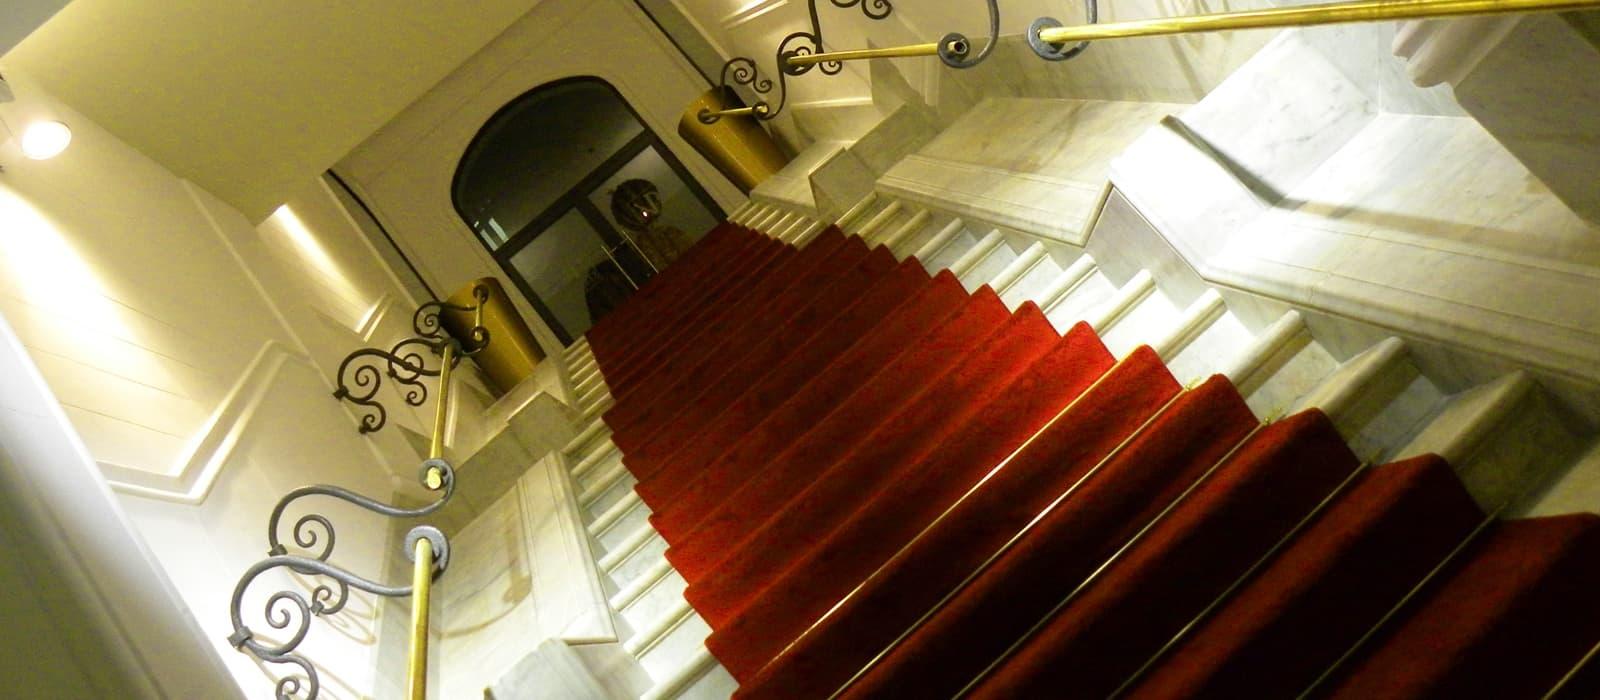 Vincci Gala 4* - Vincci Hoteles Barcelona